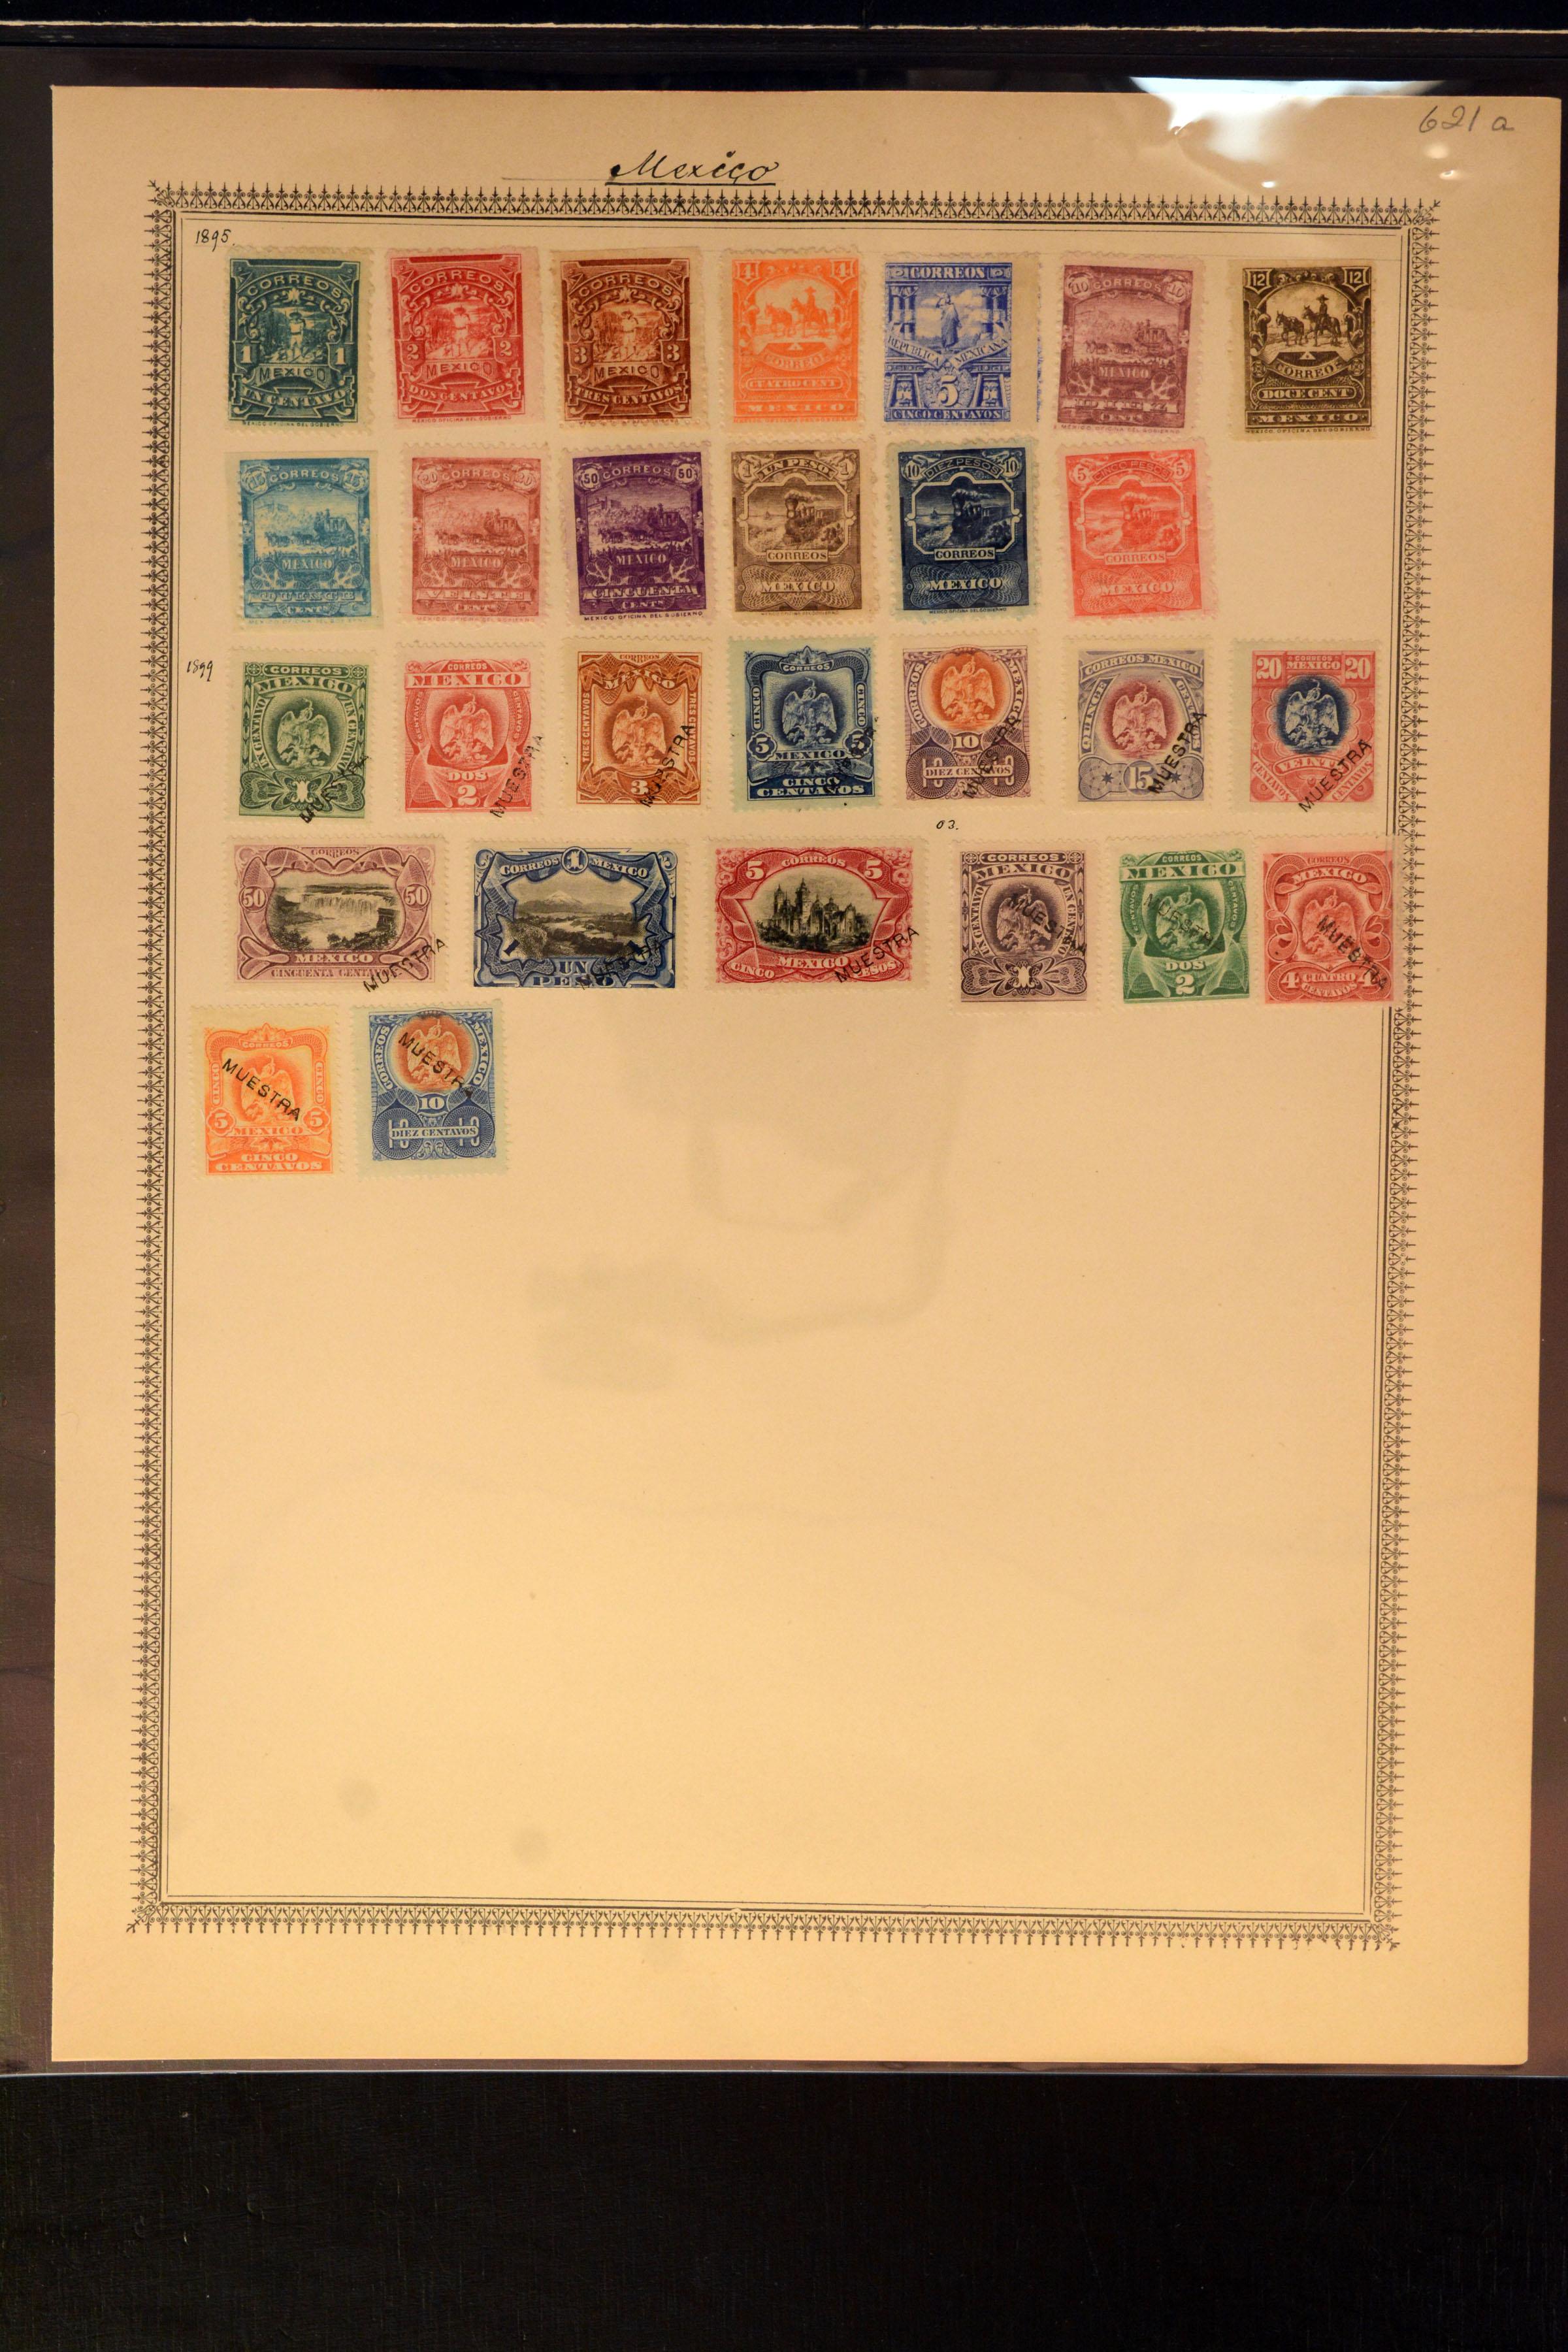 Lot 4036 - Overseas Mexico -  Heinrich Koehler Auktionen Auction #368- Day 3